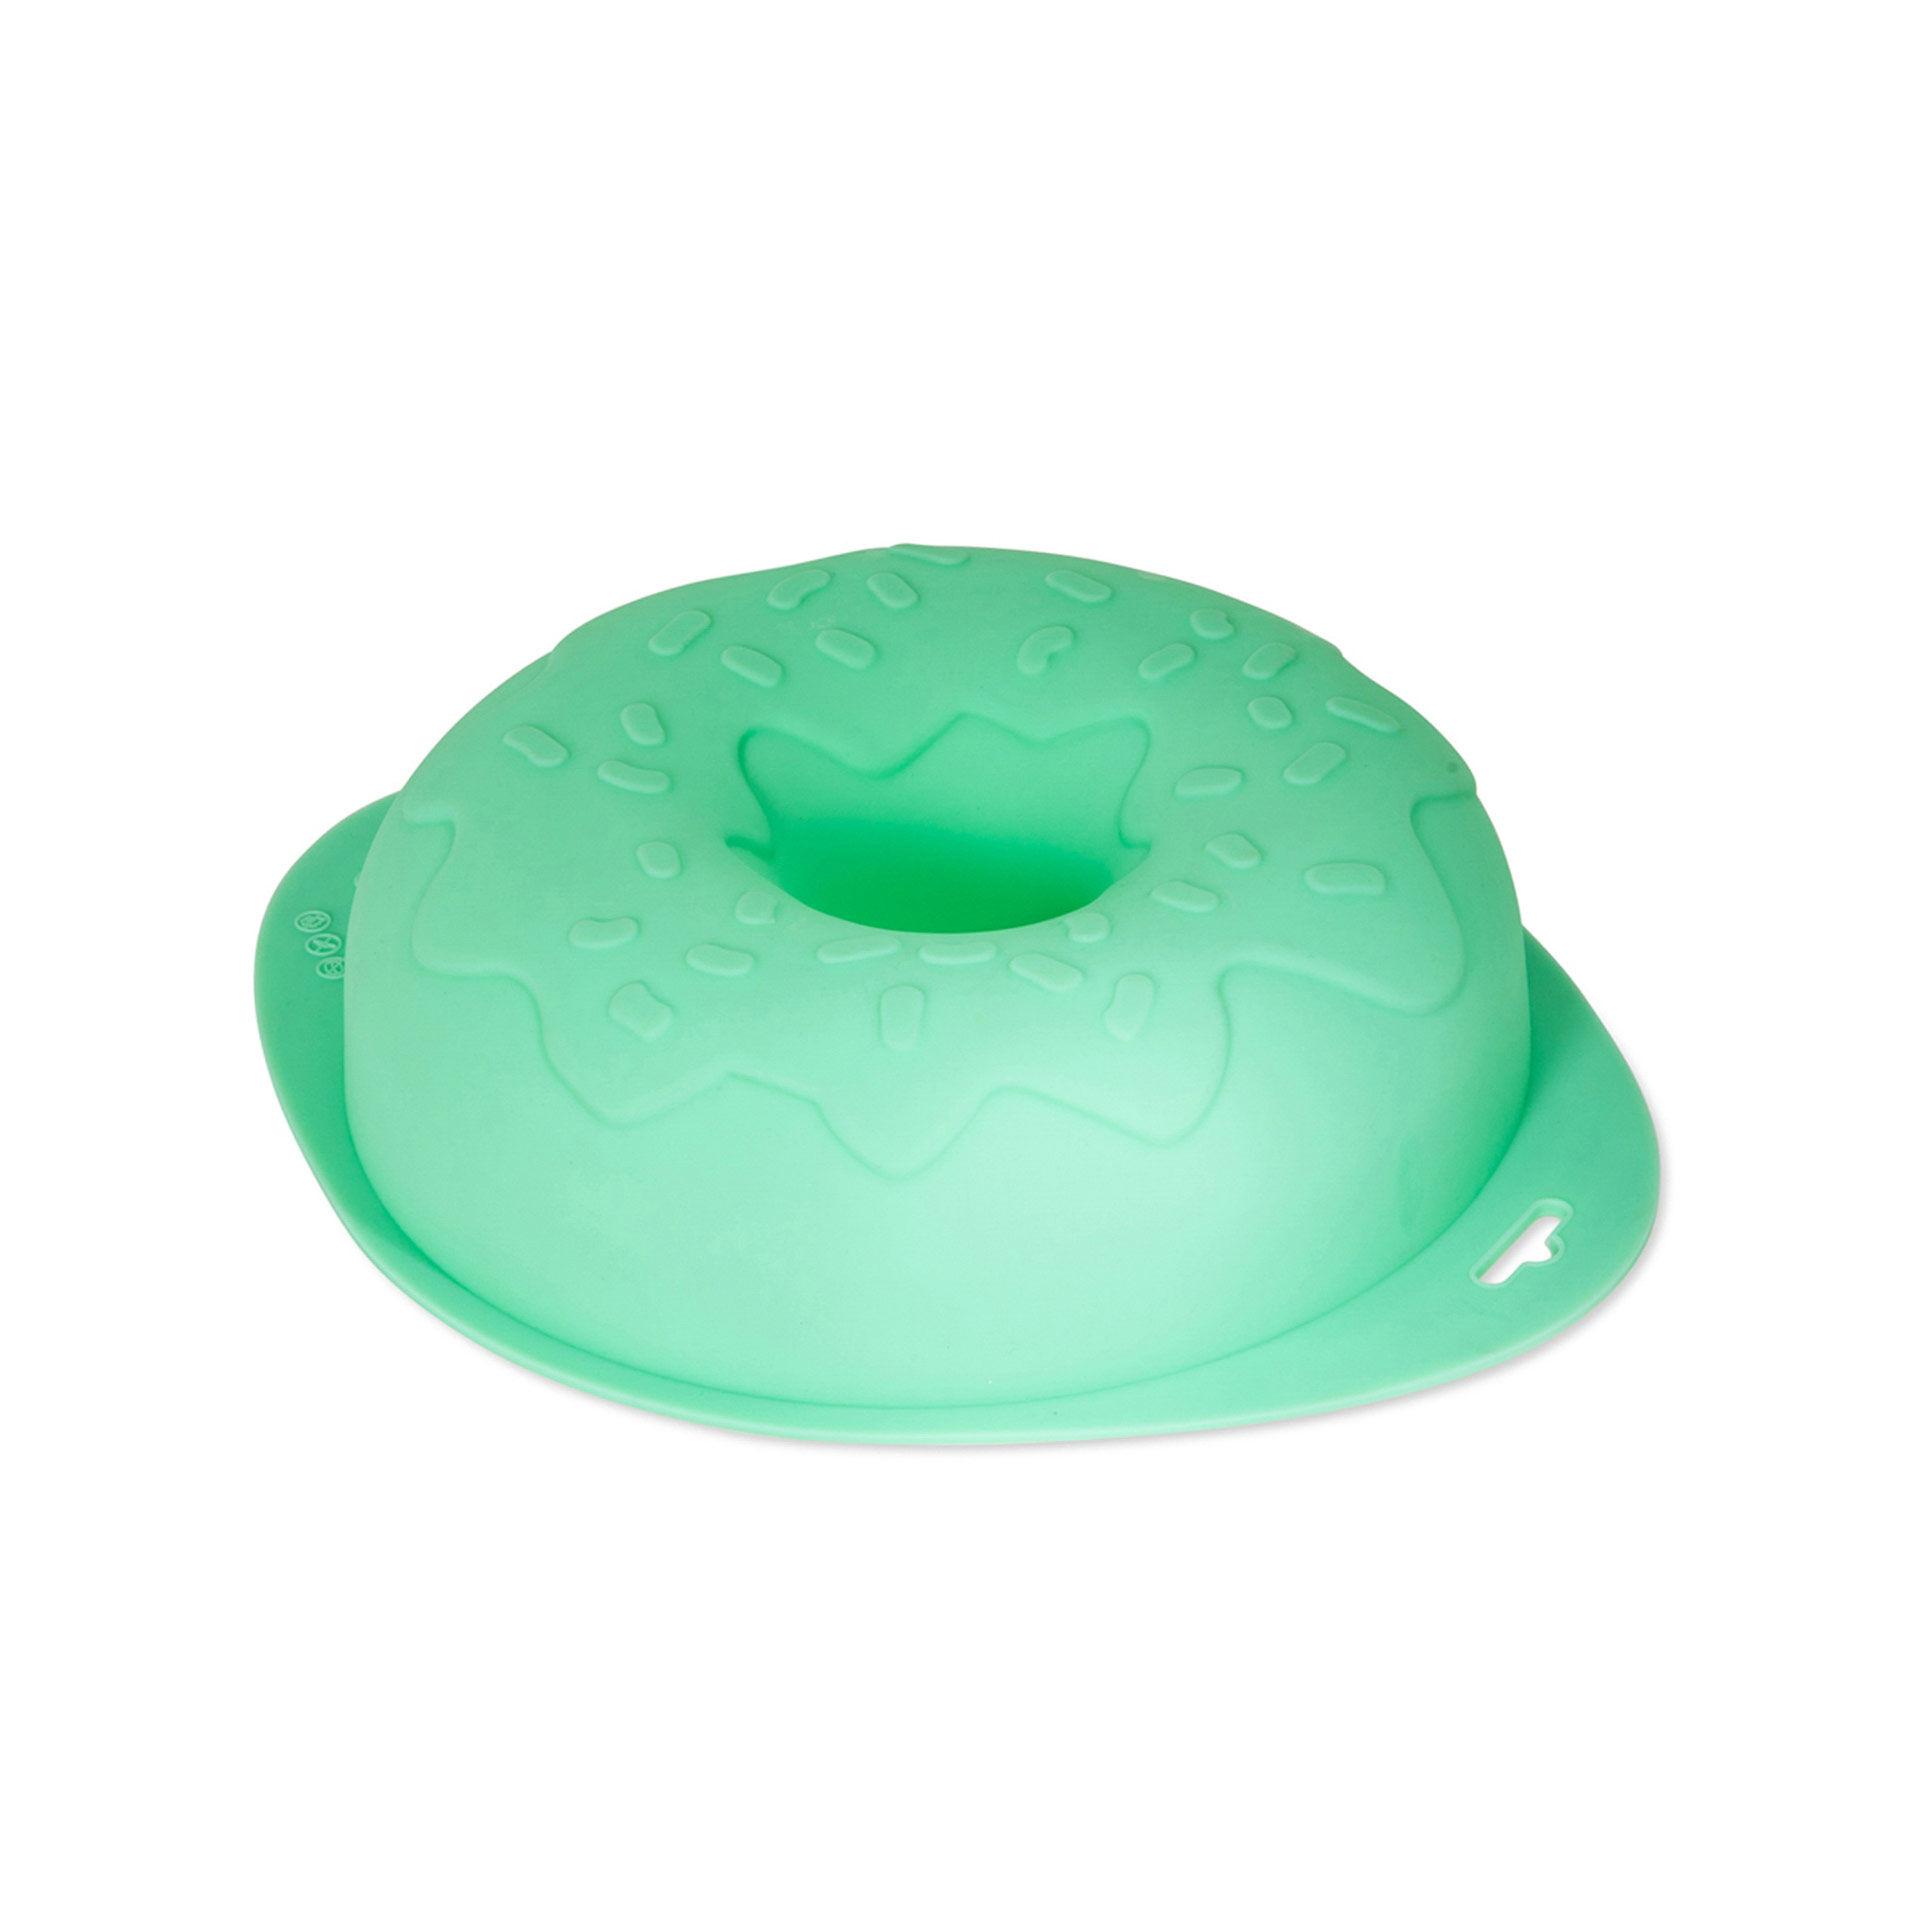 Moule en silicone pour maxi gâteau en couronne, , large